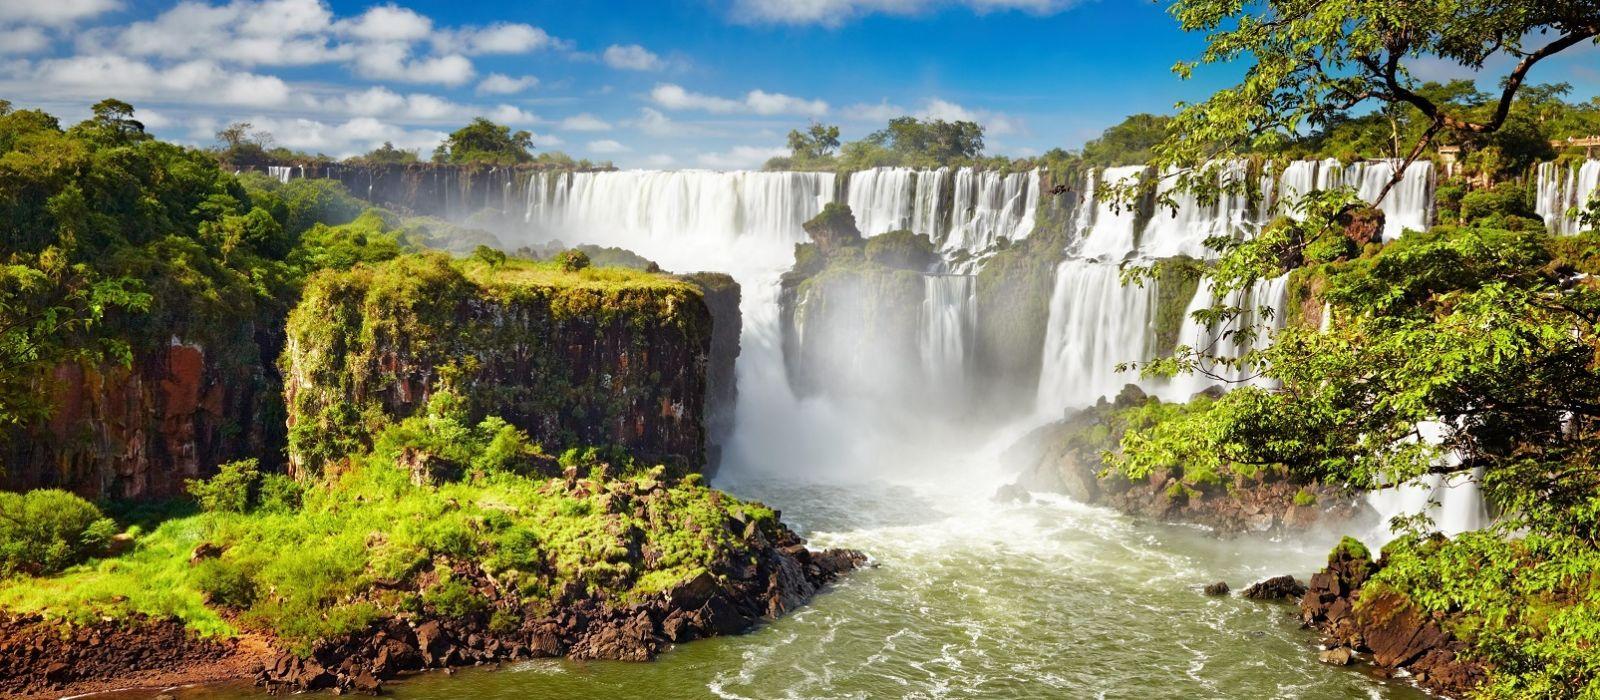 Argentinien Rundreise – Höhepunkte neu entdeckt Urlaub 6